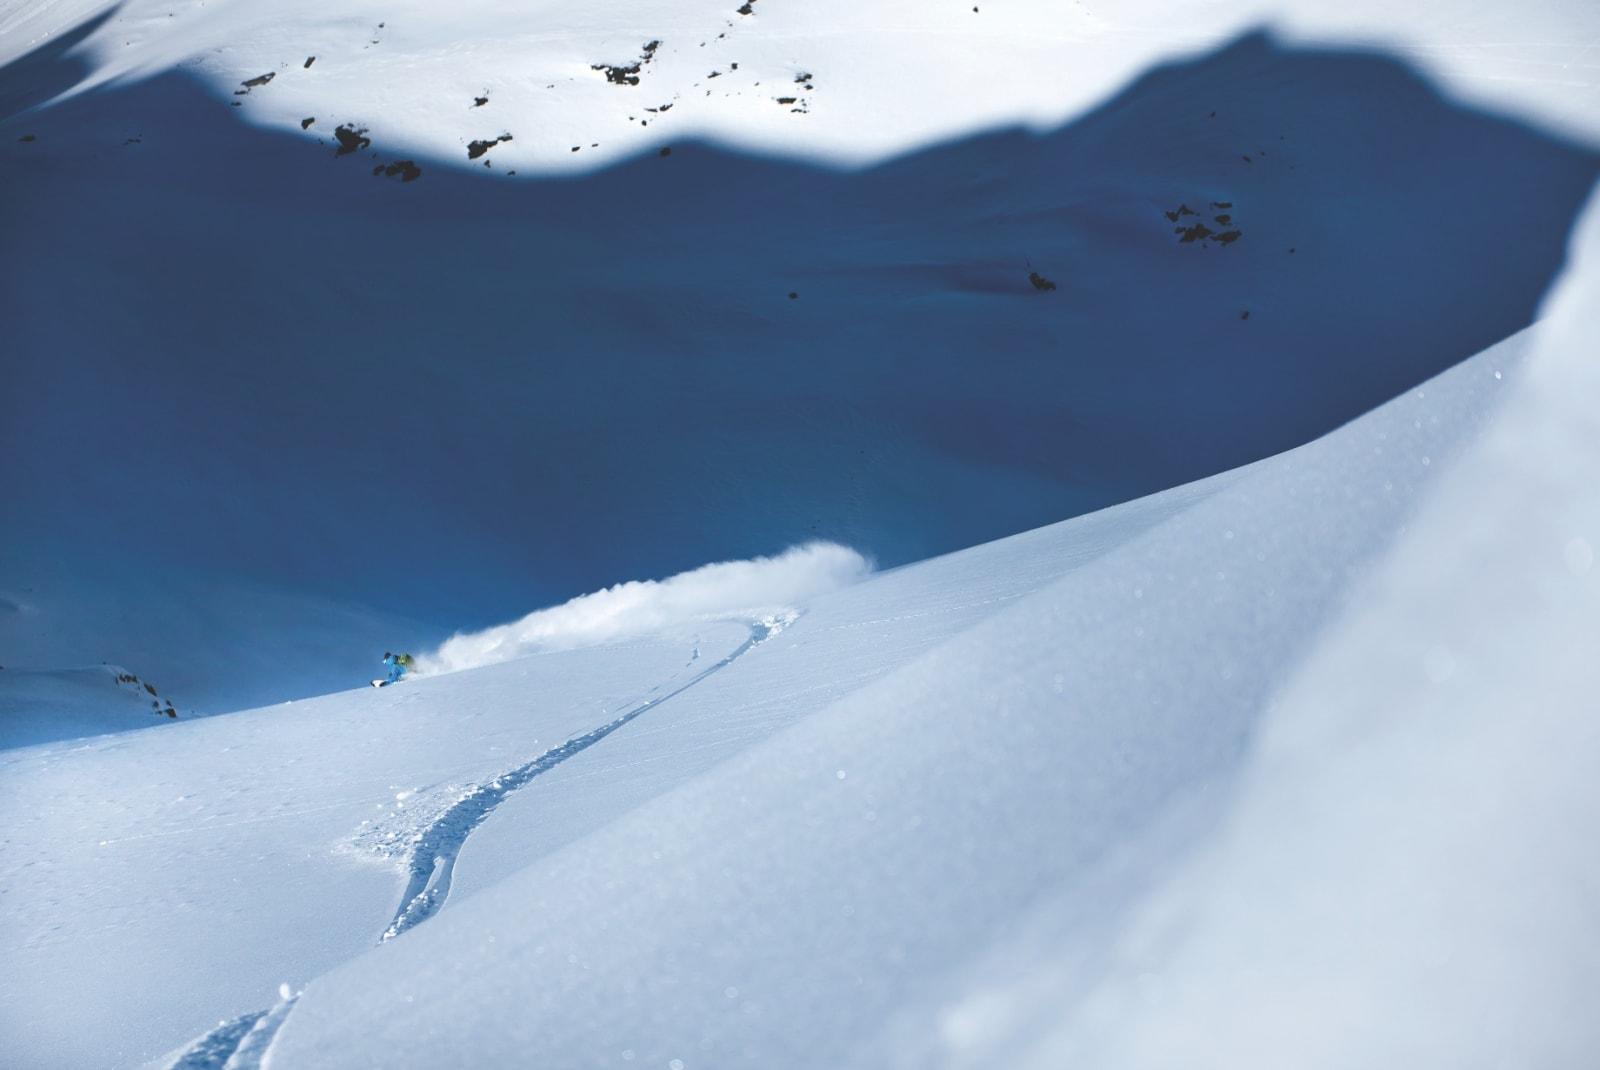 VIL TILBAKE: Marcus Caston er fra stedet med the greatest snow on earth. Om han vil tilbake til Sunnmøre etter denne venstresvingen? Svar ja.